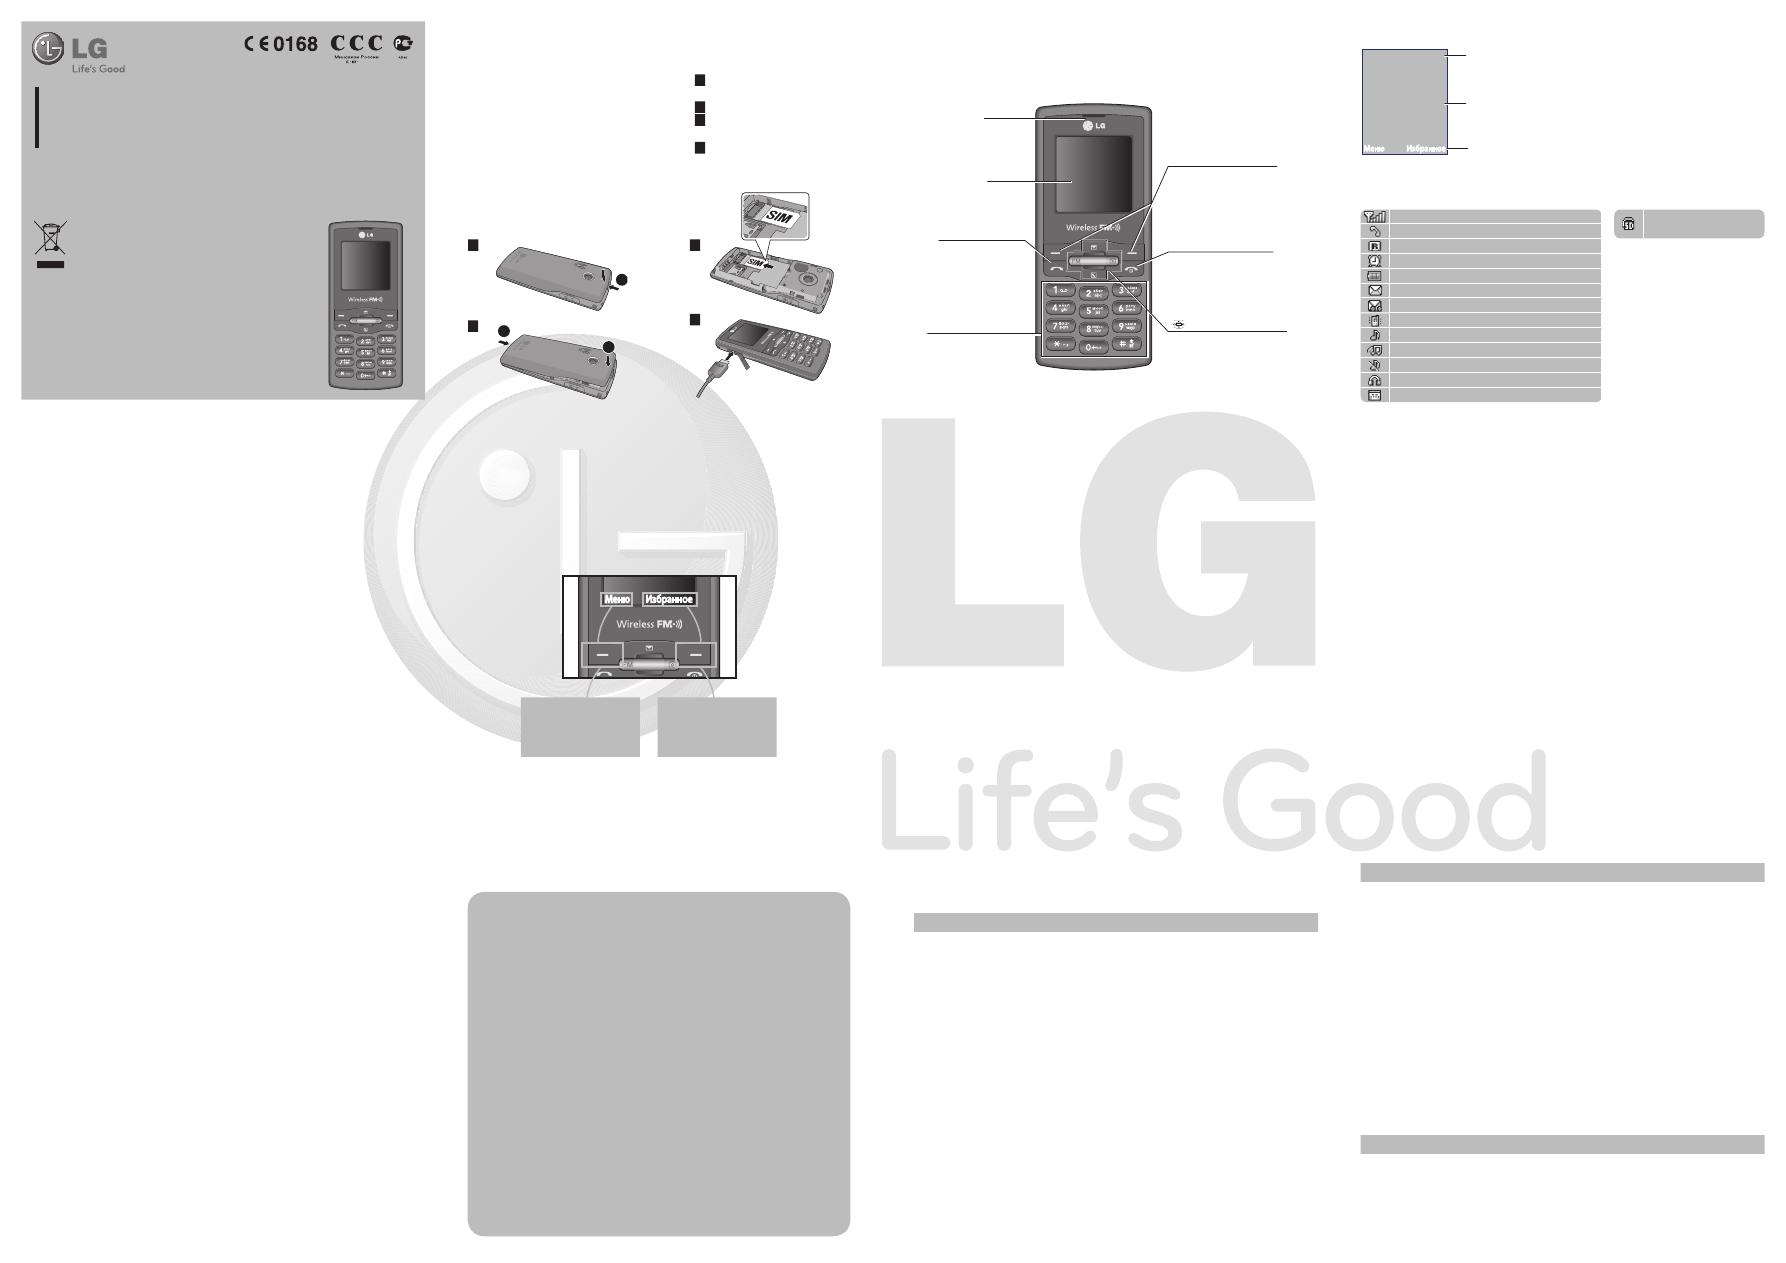 инструкция к смартфону lg optimus l7